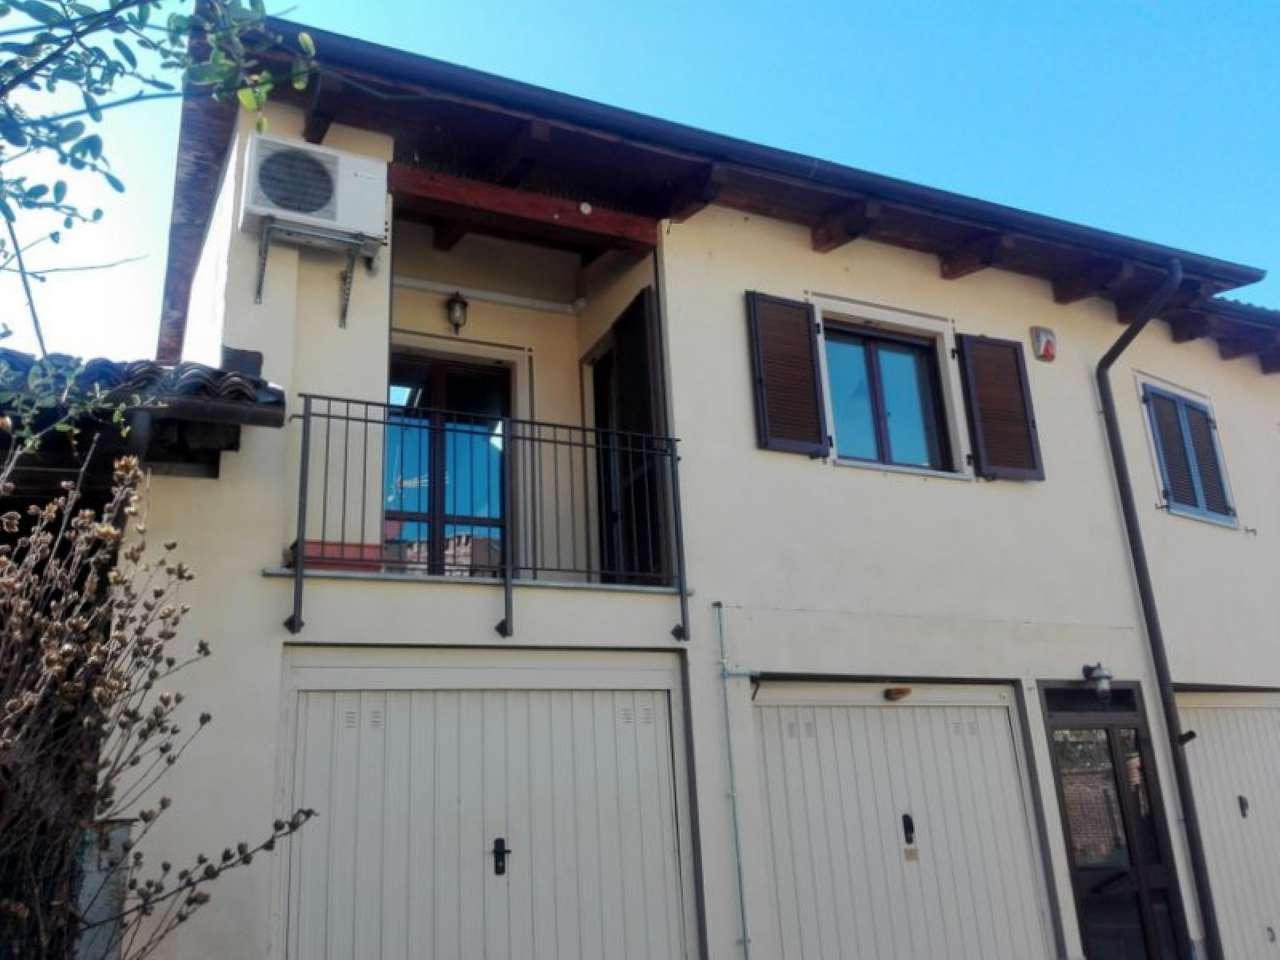 Appartamento in affitto a Buttigliera d'Asti, 3 locali, prezzo € 330 | PortaleAgenzieImmobiliari.it